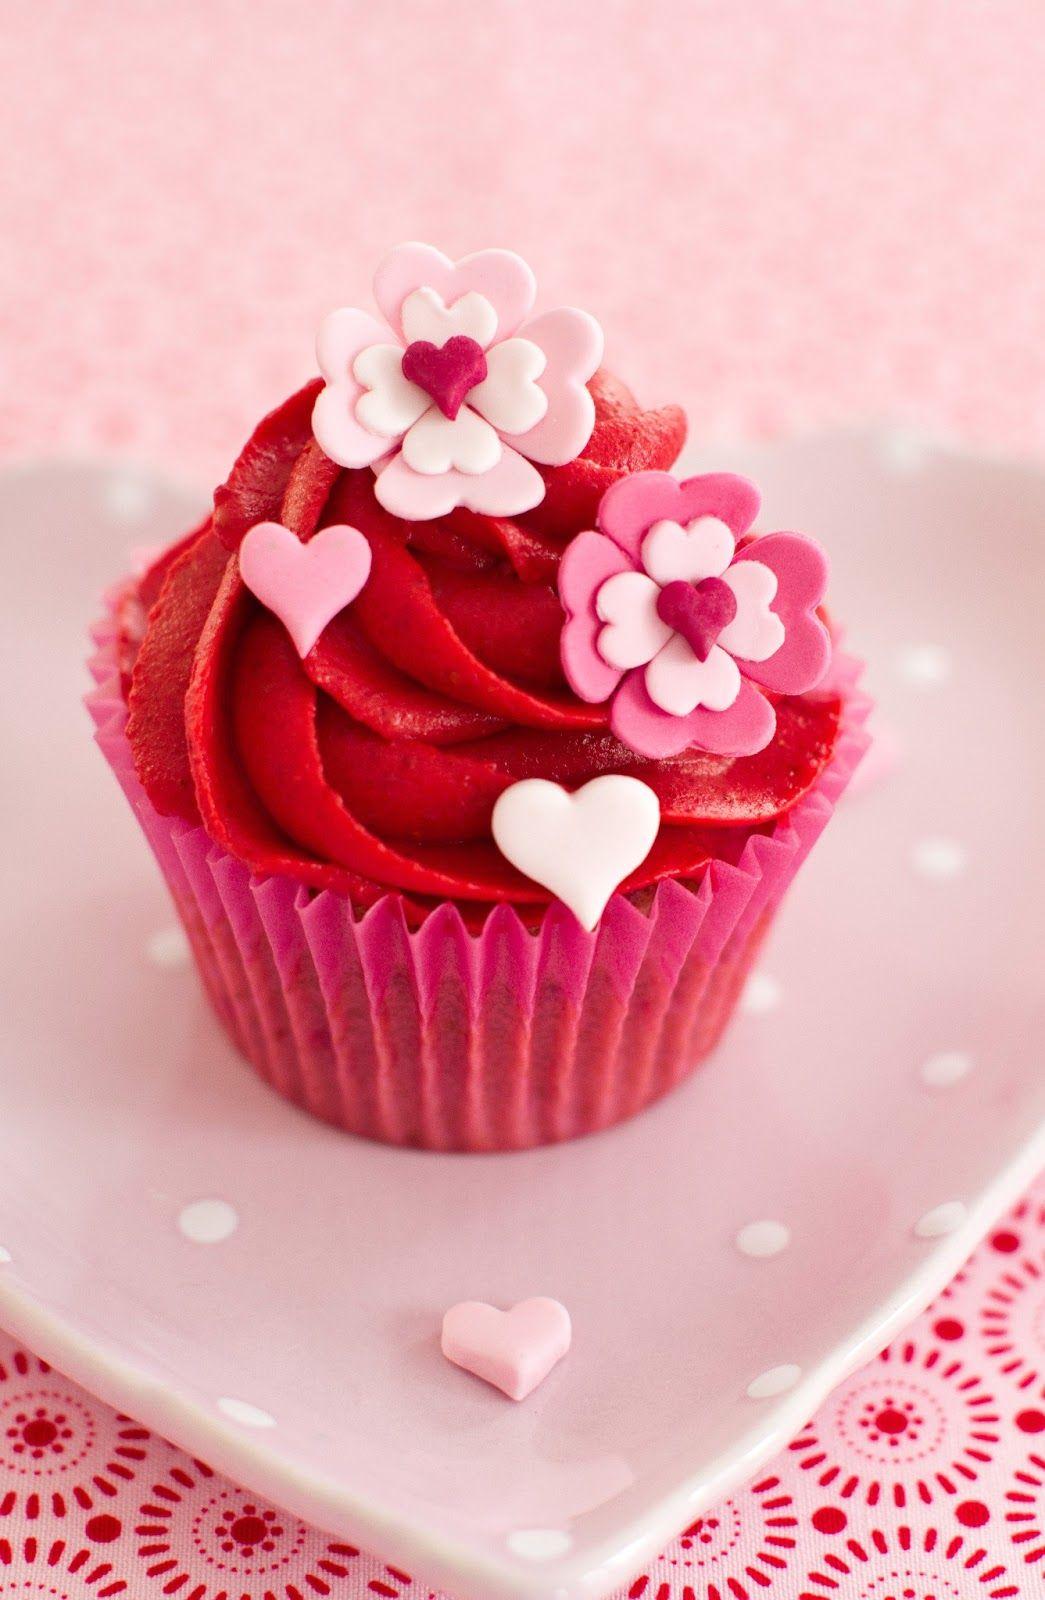 Cakes Haute Couture - El Blog de Patricia Arribálzaga: Receta de cupcakes de Frambuesa y tutorial de decoración Flores Corazón para celebrar San Valentín